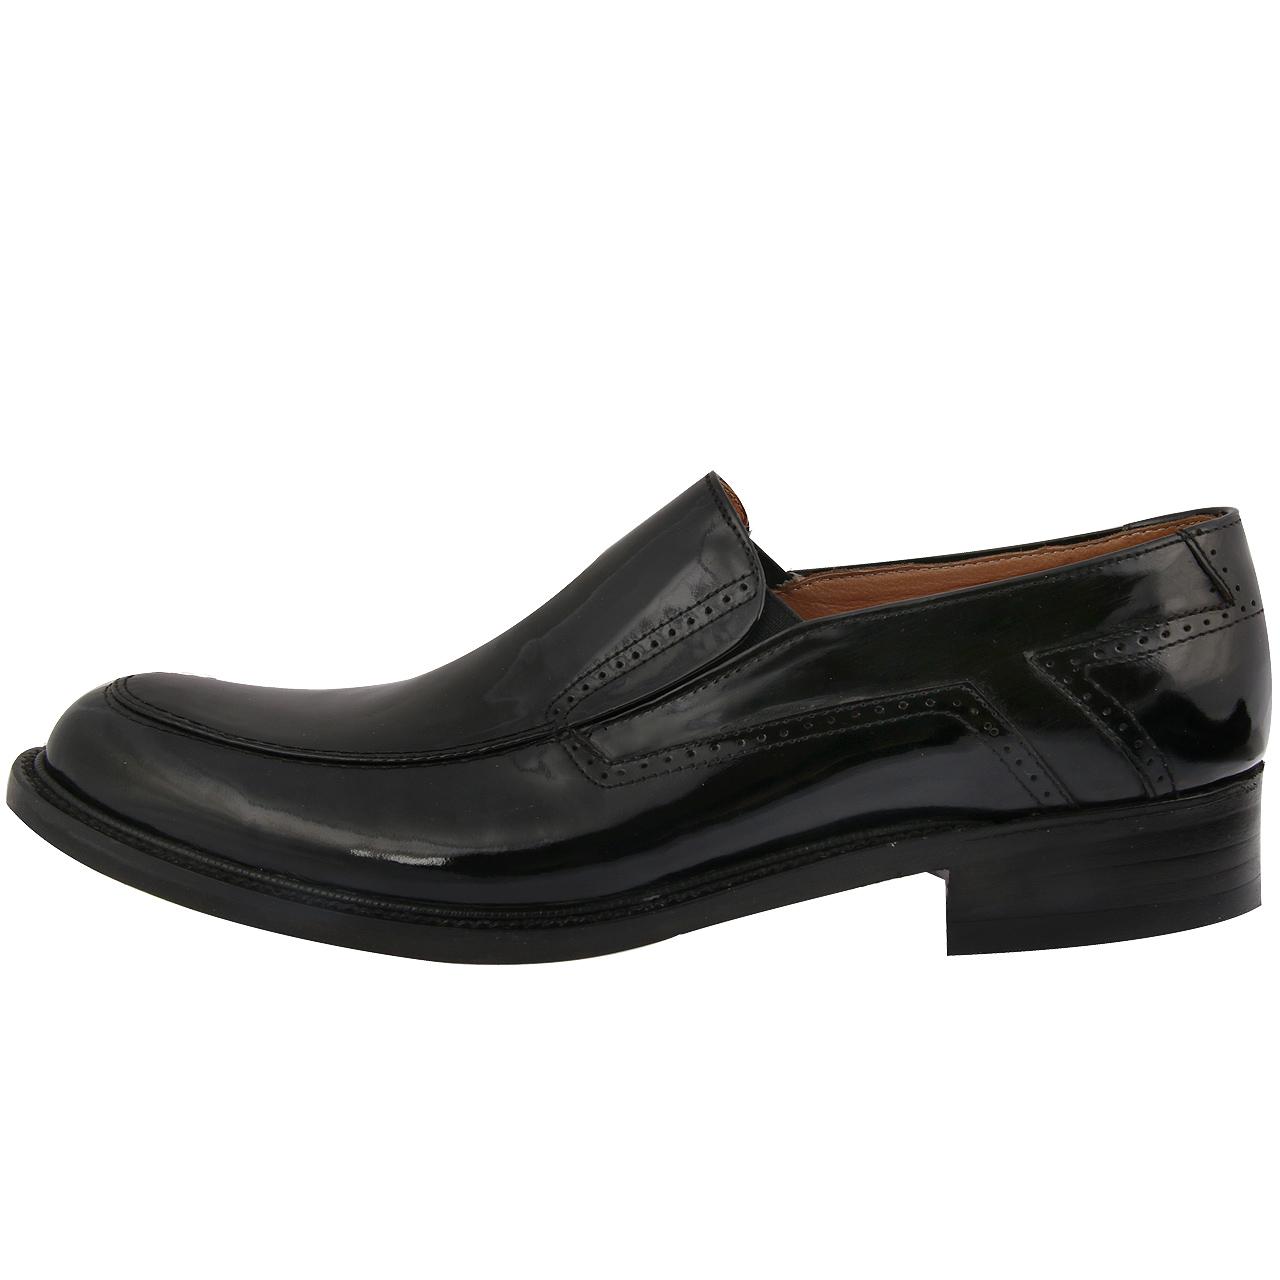 کفش مردانه مدل کلاسیک کد 228000102